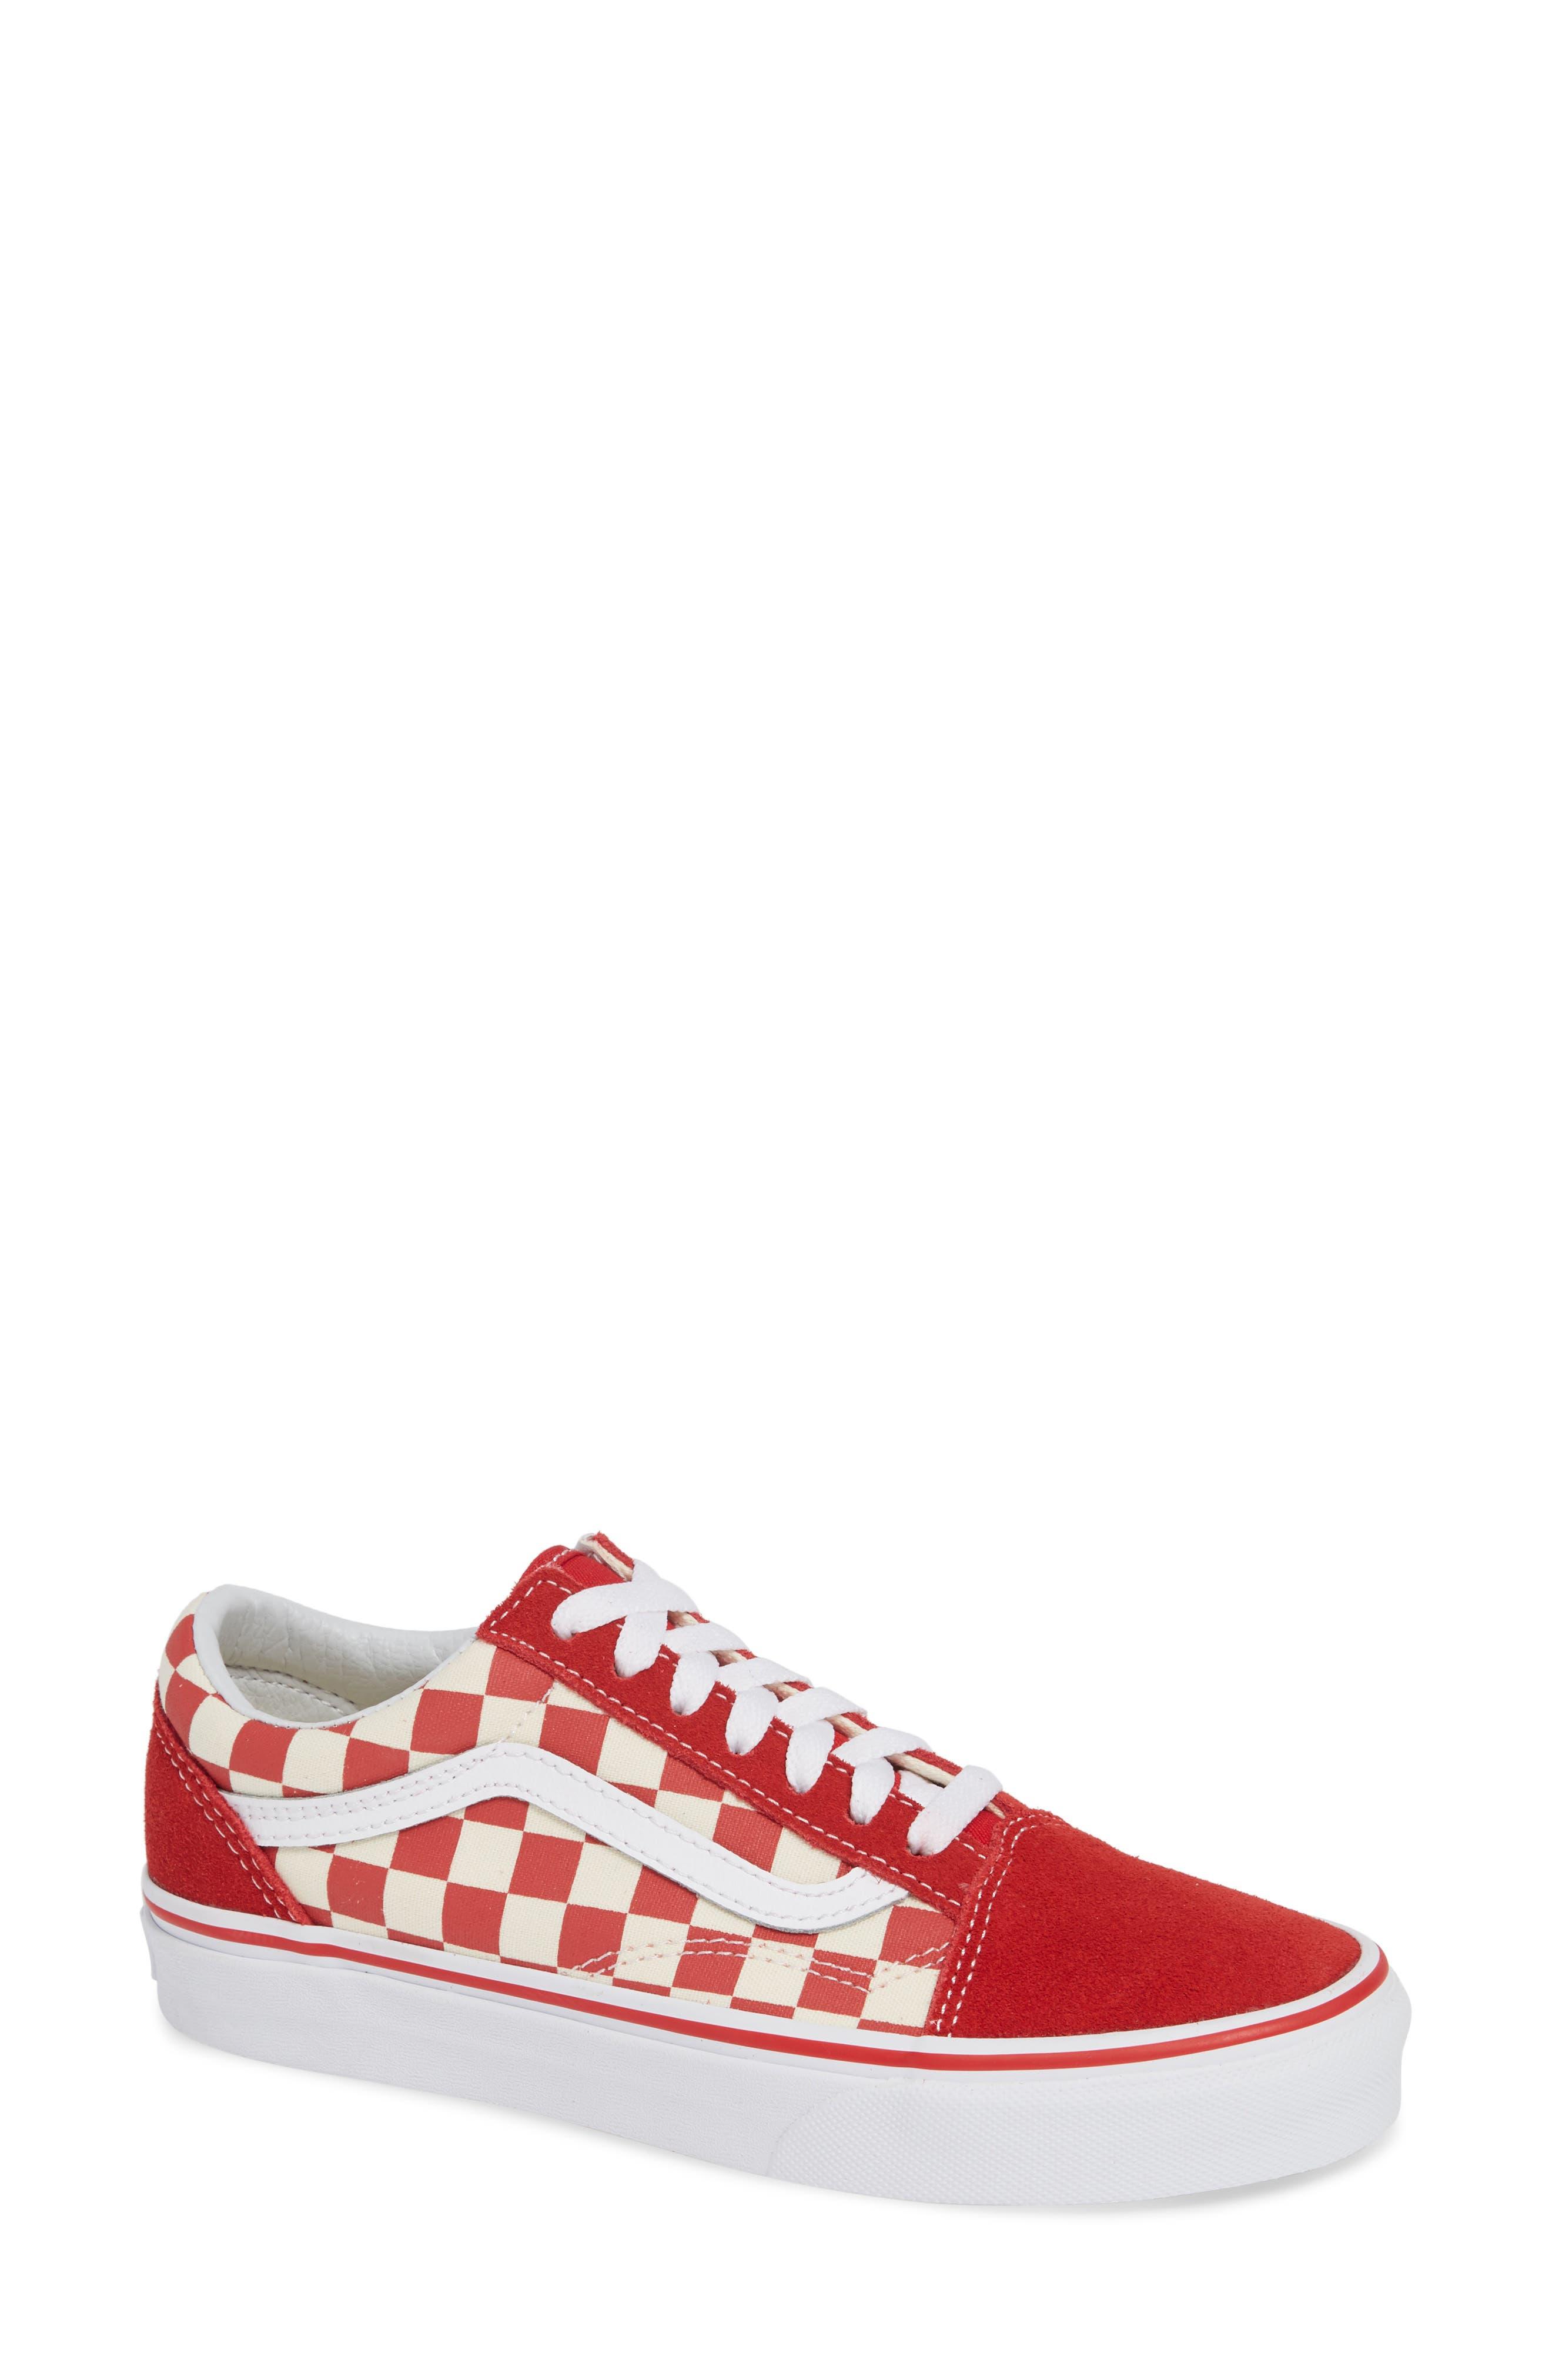 Old Skool Sneaker,                         Main,                         color, 610